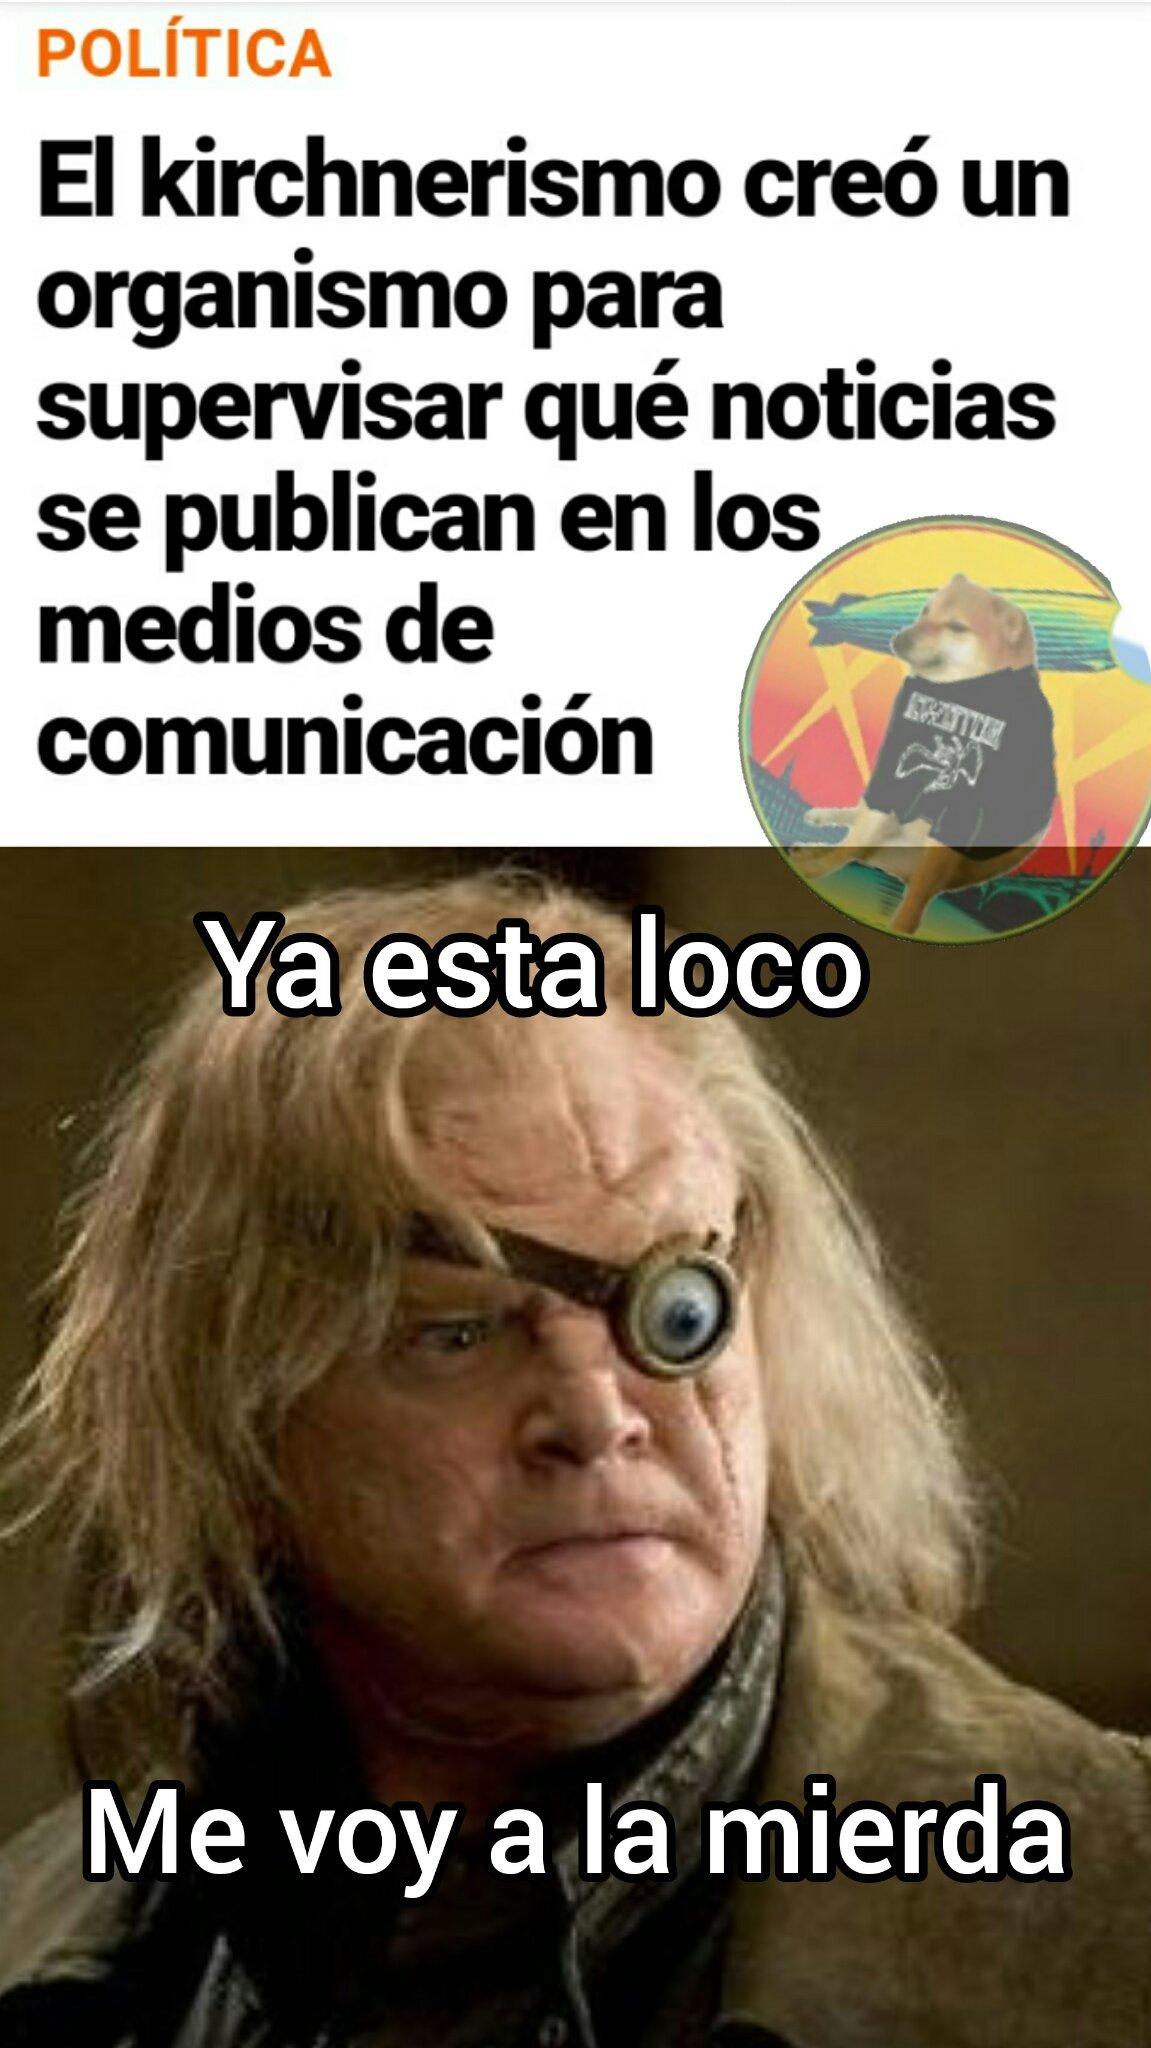 Malditos peronistas - meme